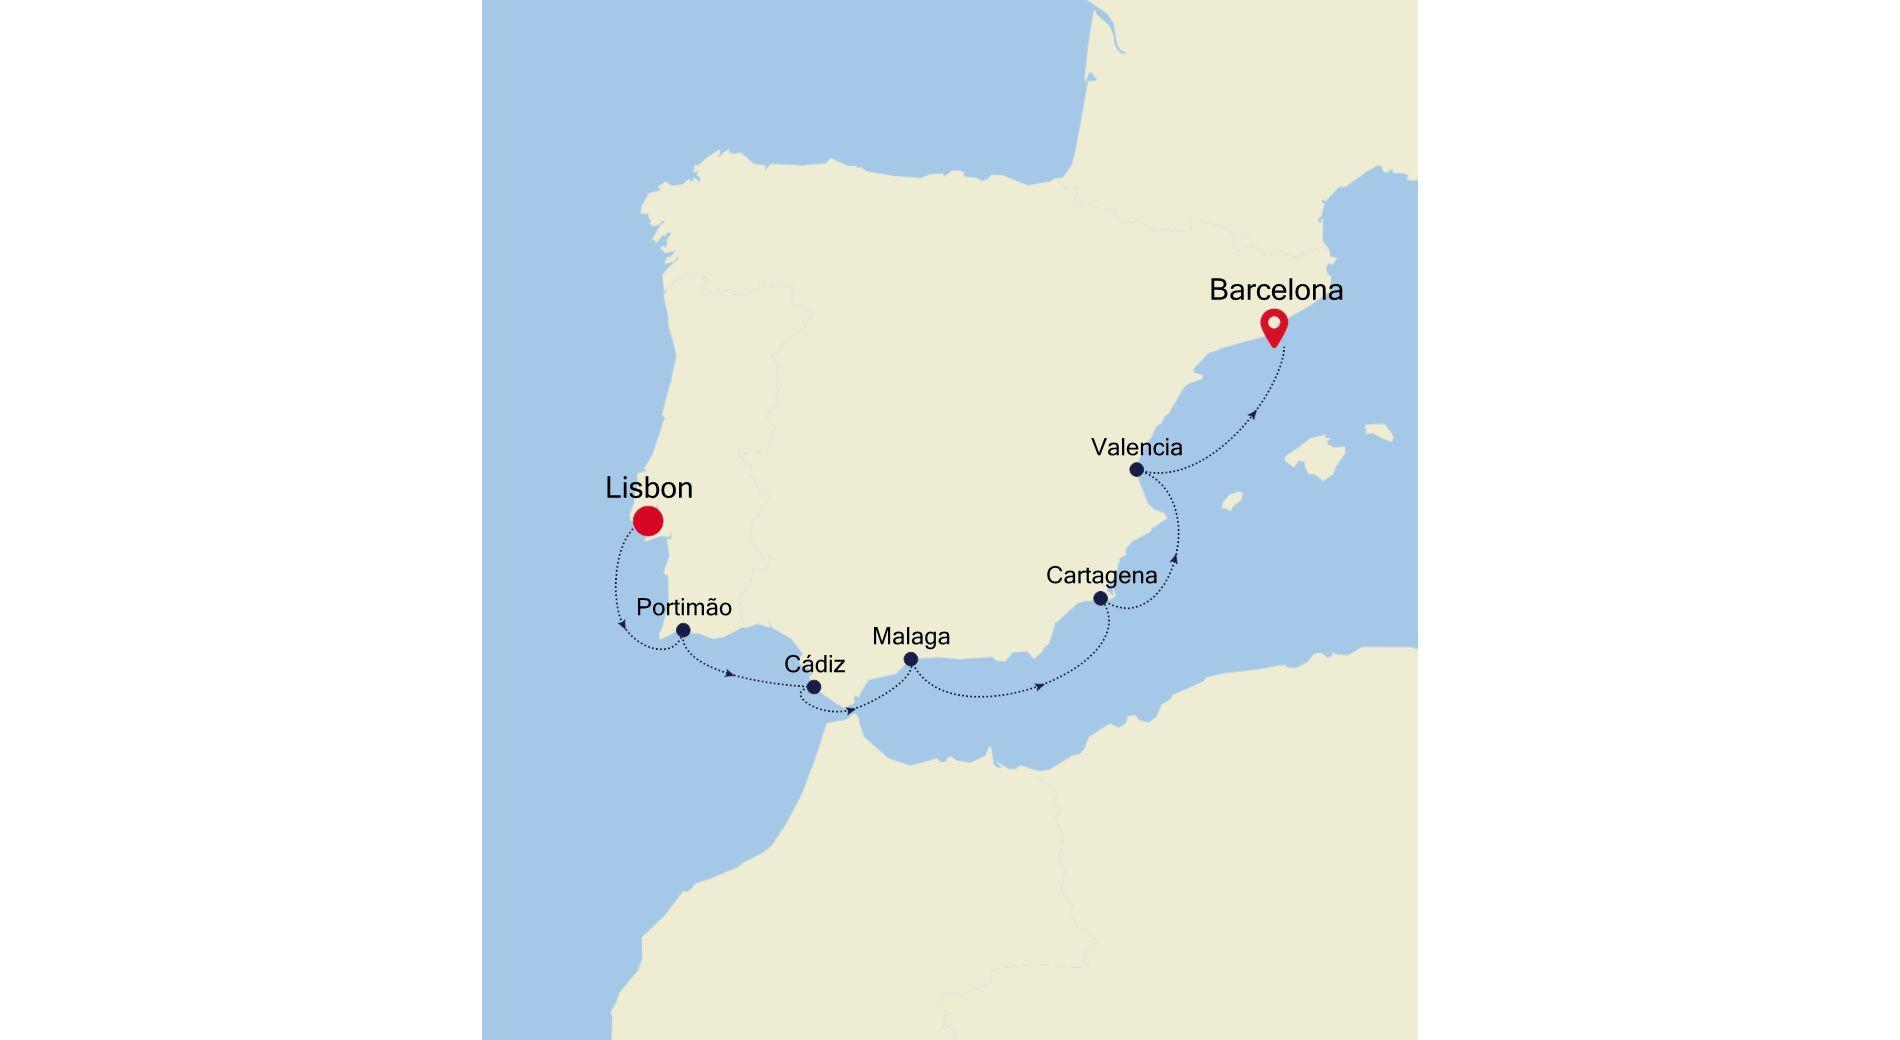 SS200409007 - Lisbon nach Barcelona